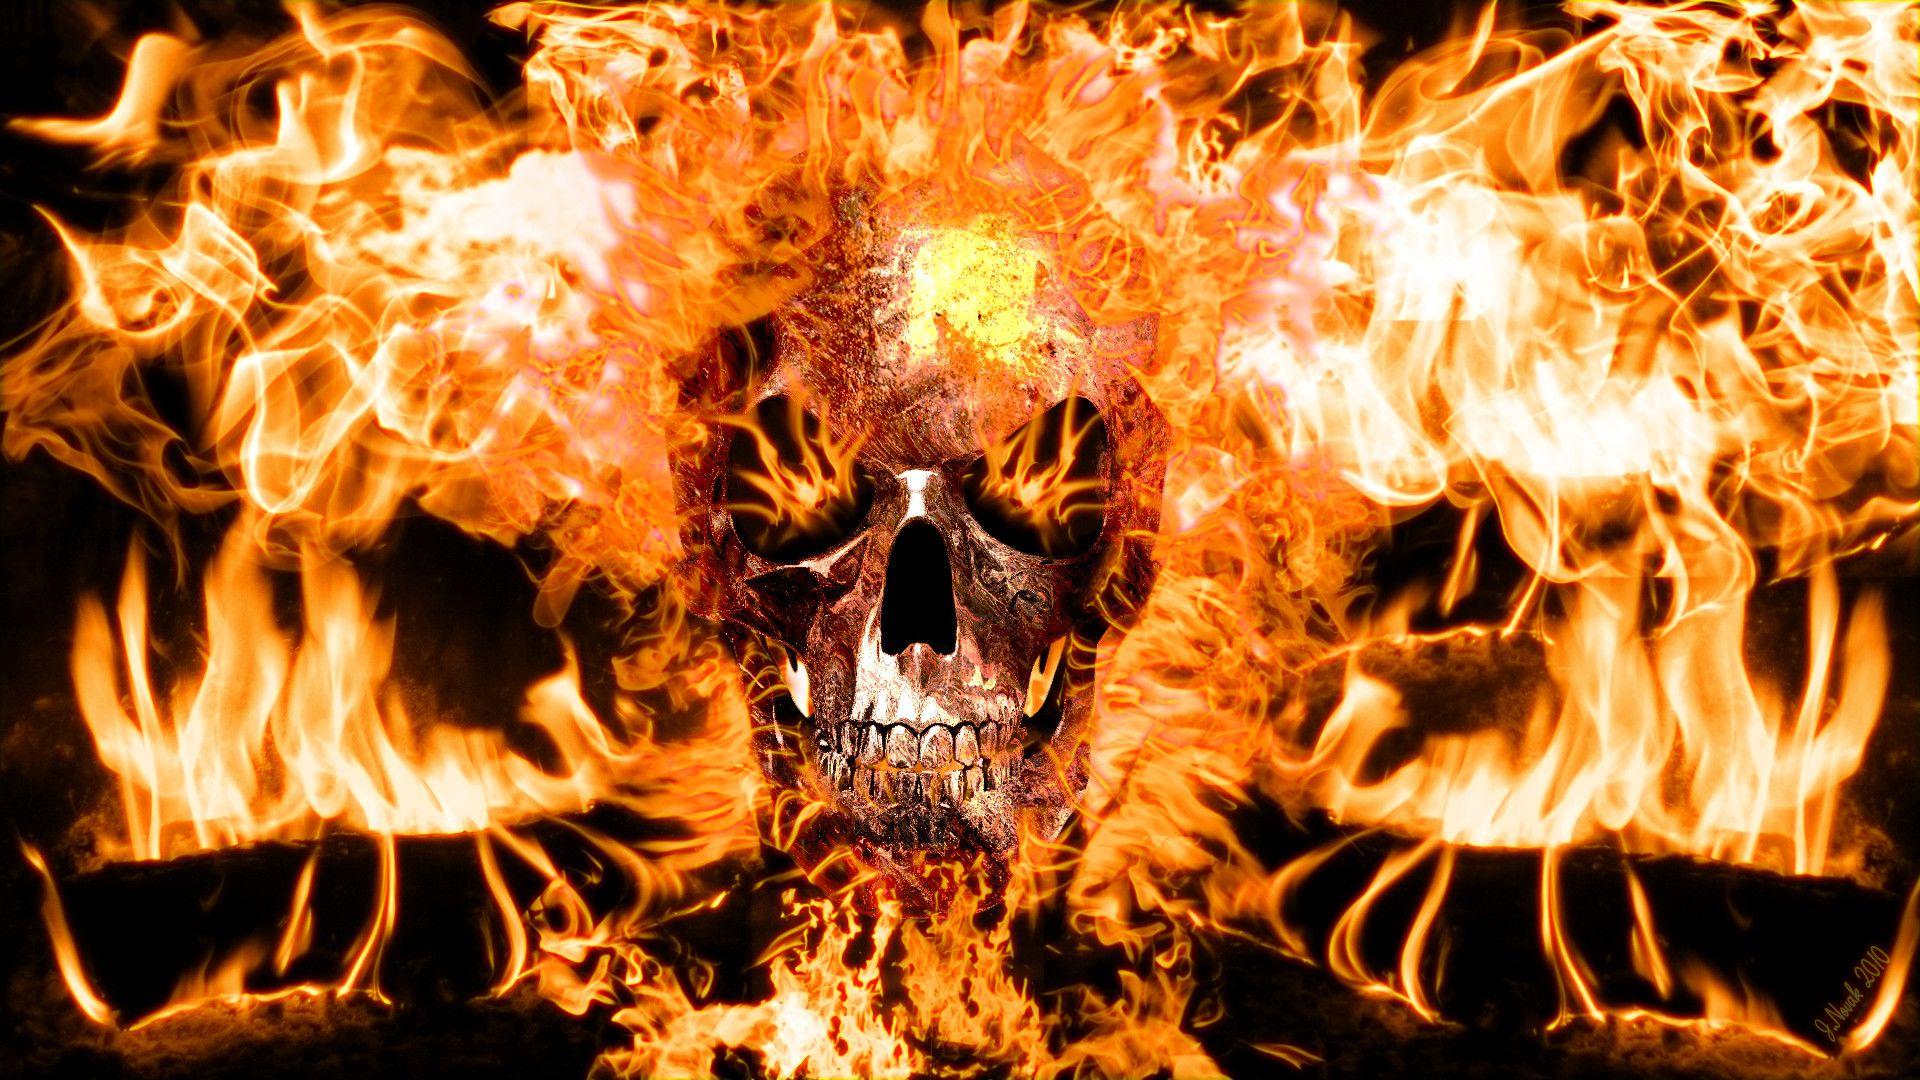 Flaming Skull 1080p Wallpaper